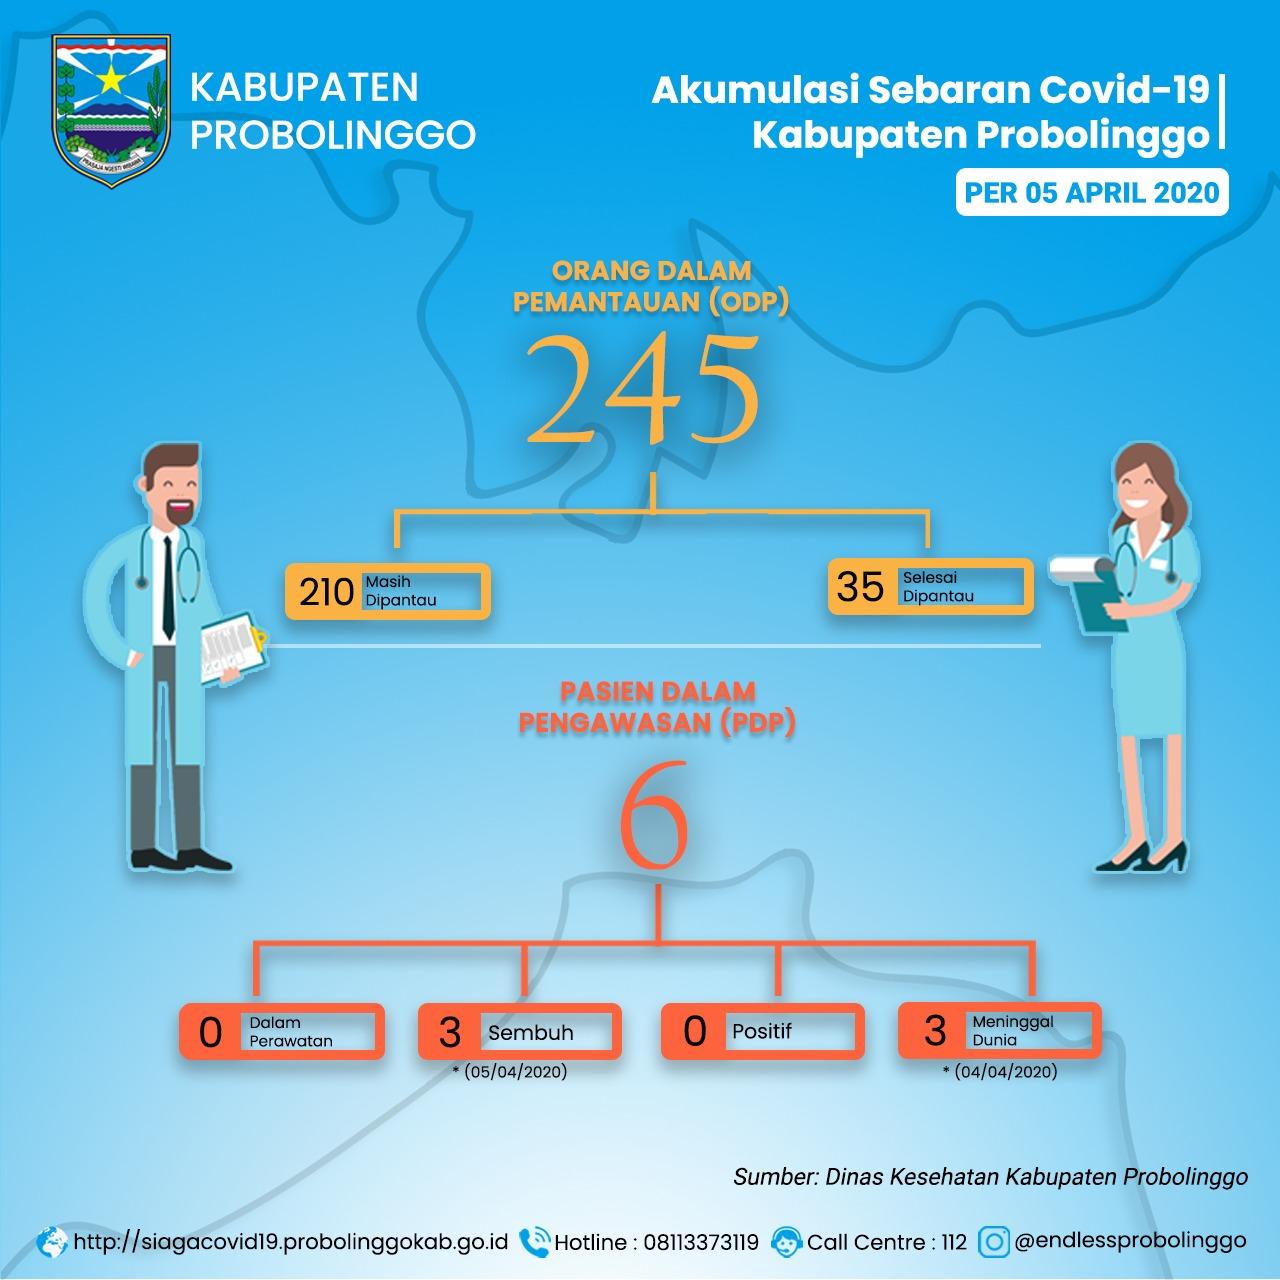 Satgas PP COVID-19 Sampaikan PDP Asal Sukapura Sembuh